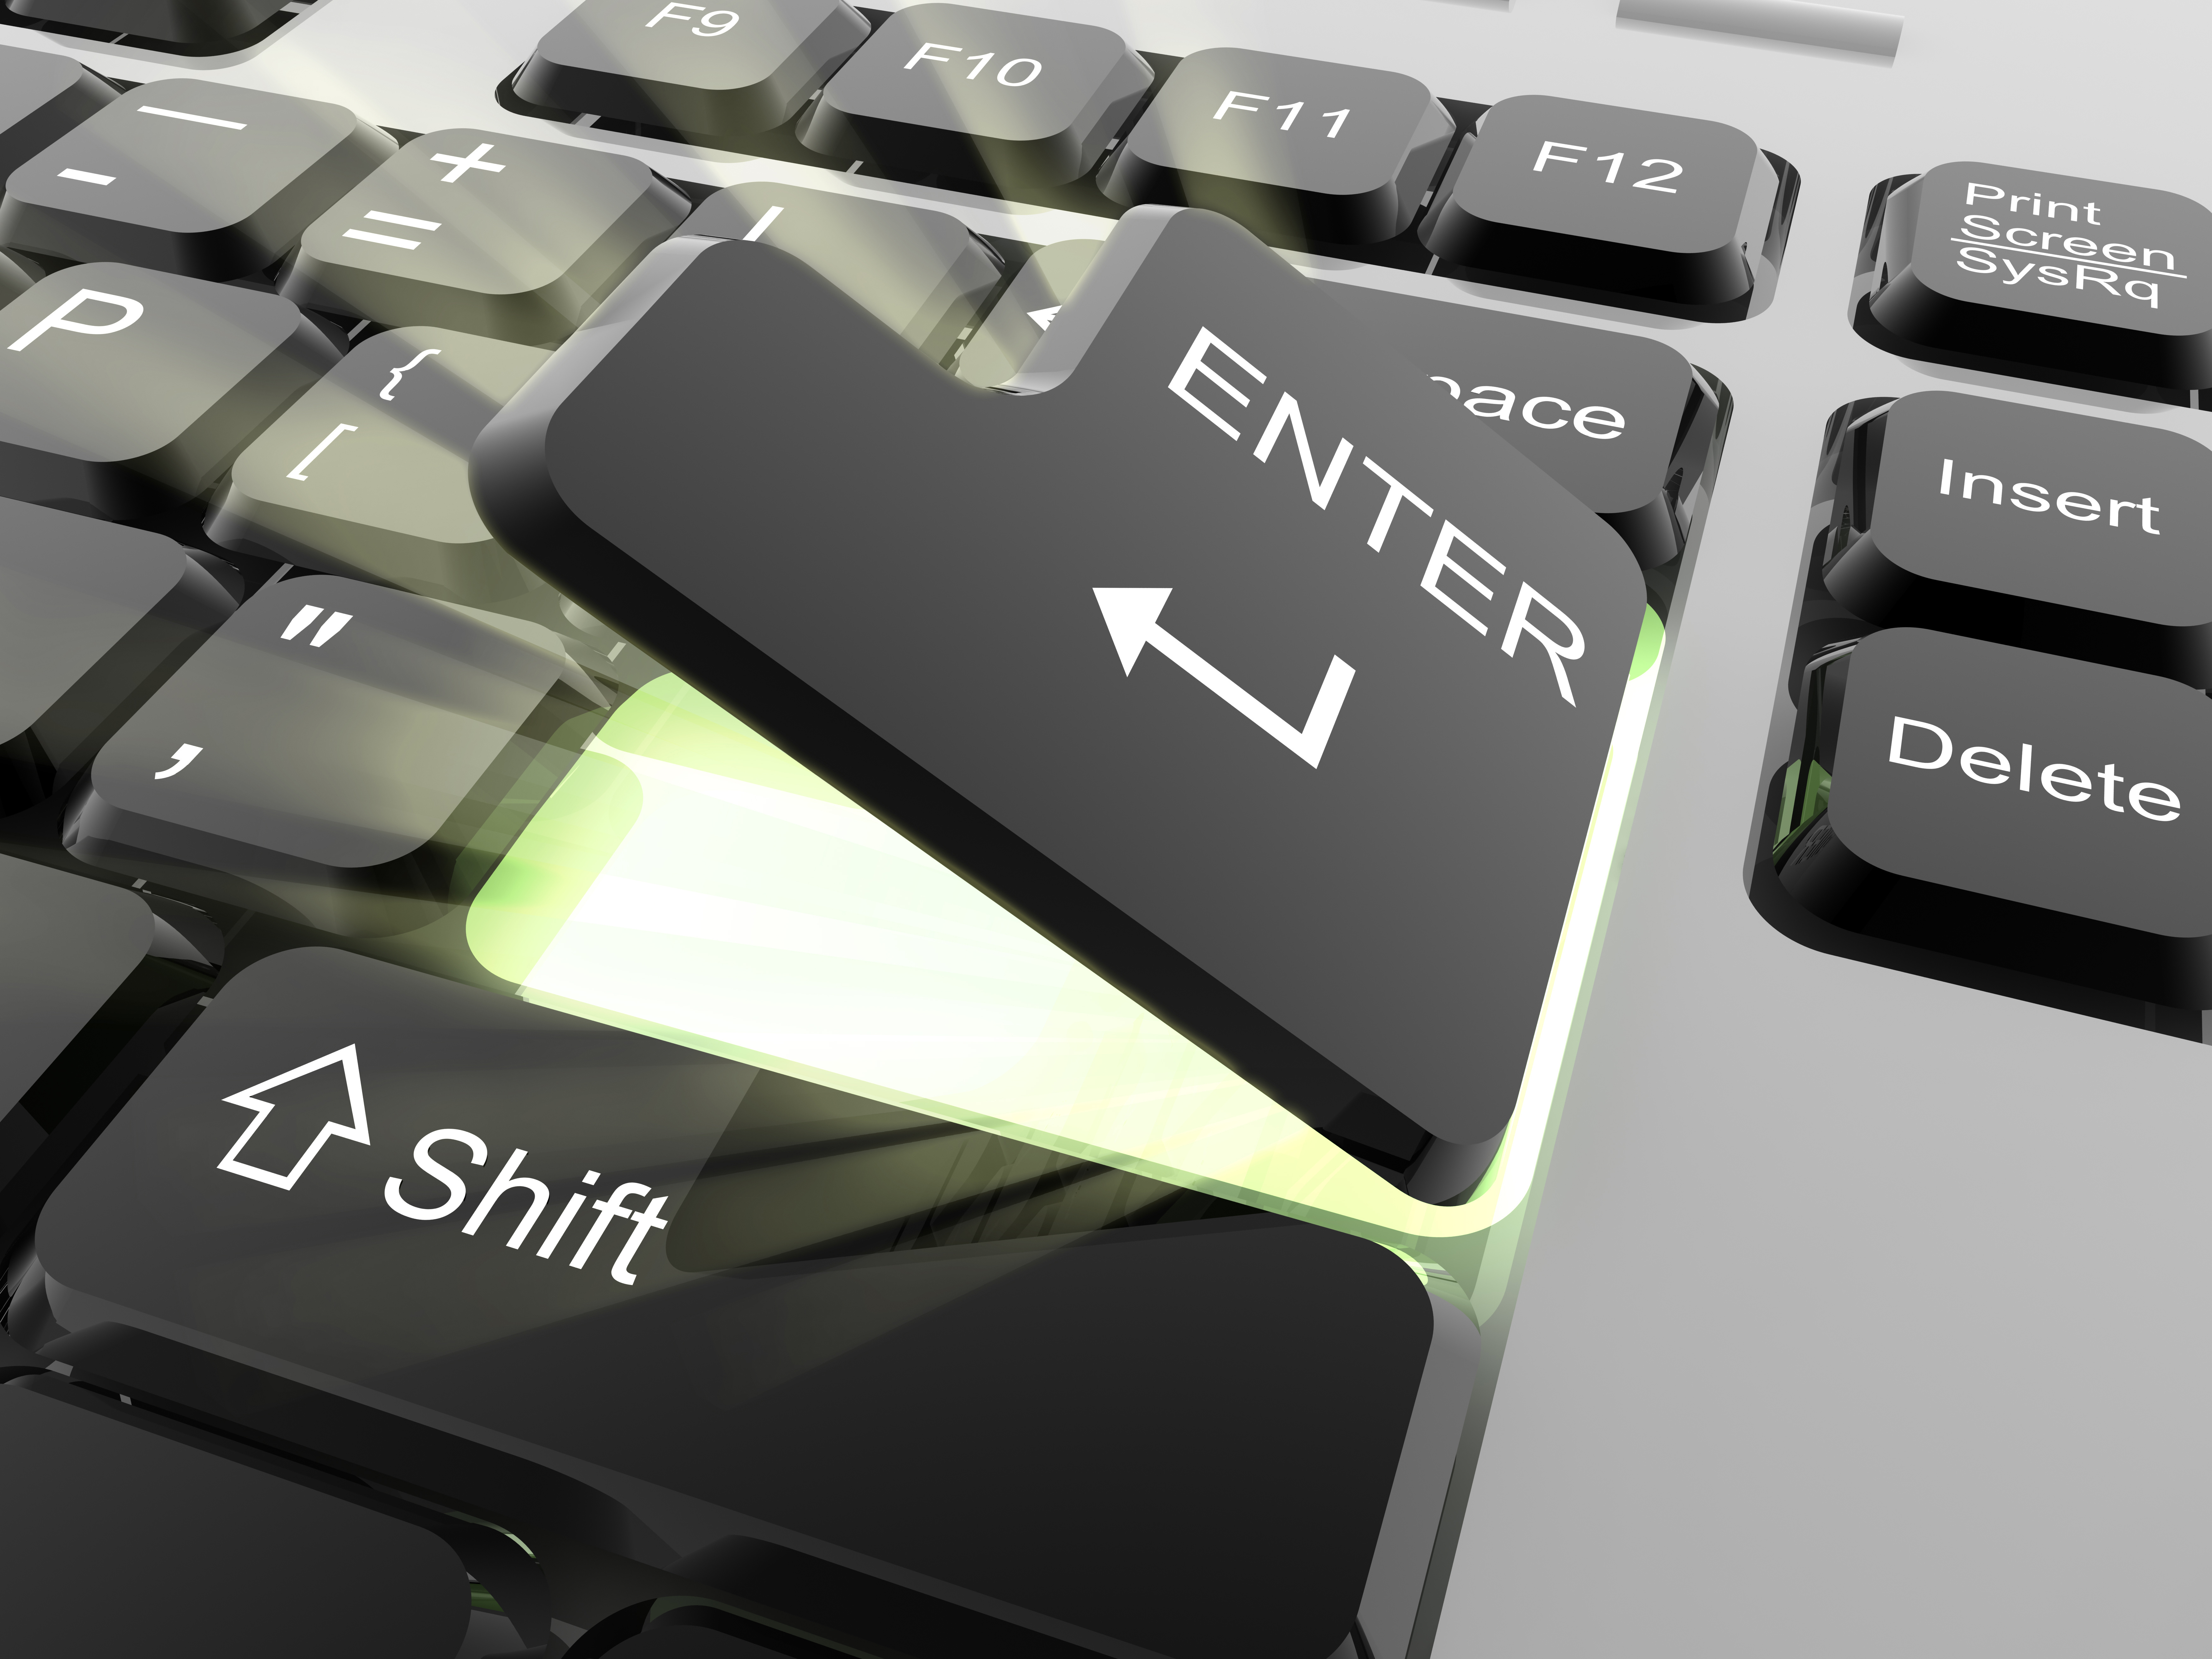 кнопка на клавиатуре  № 661166 без смс